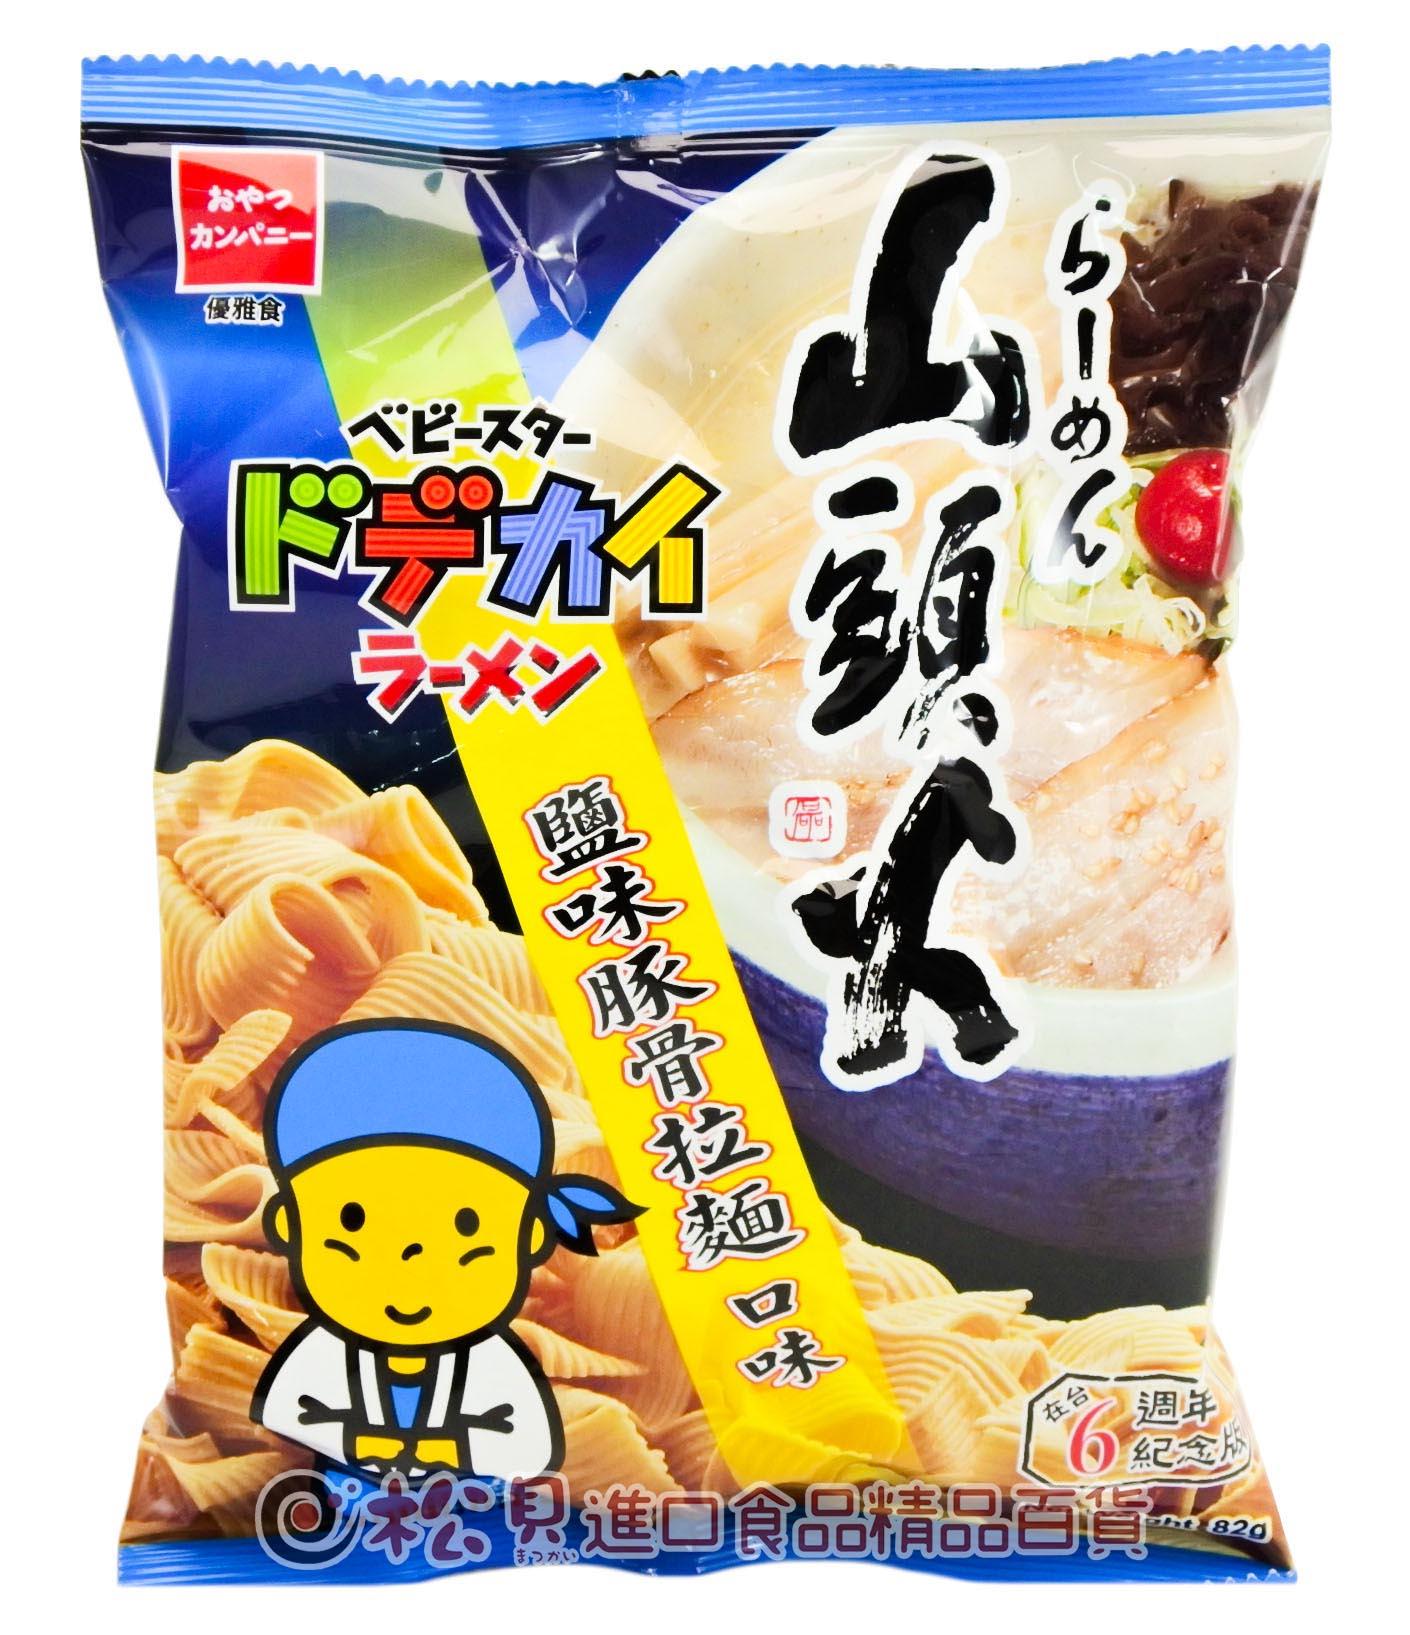 優雅食鹽味豚骨拉麵82g【4718005880089】